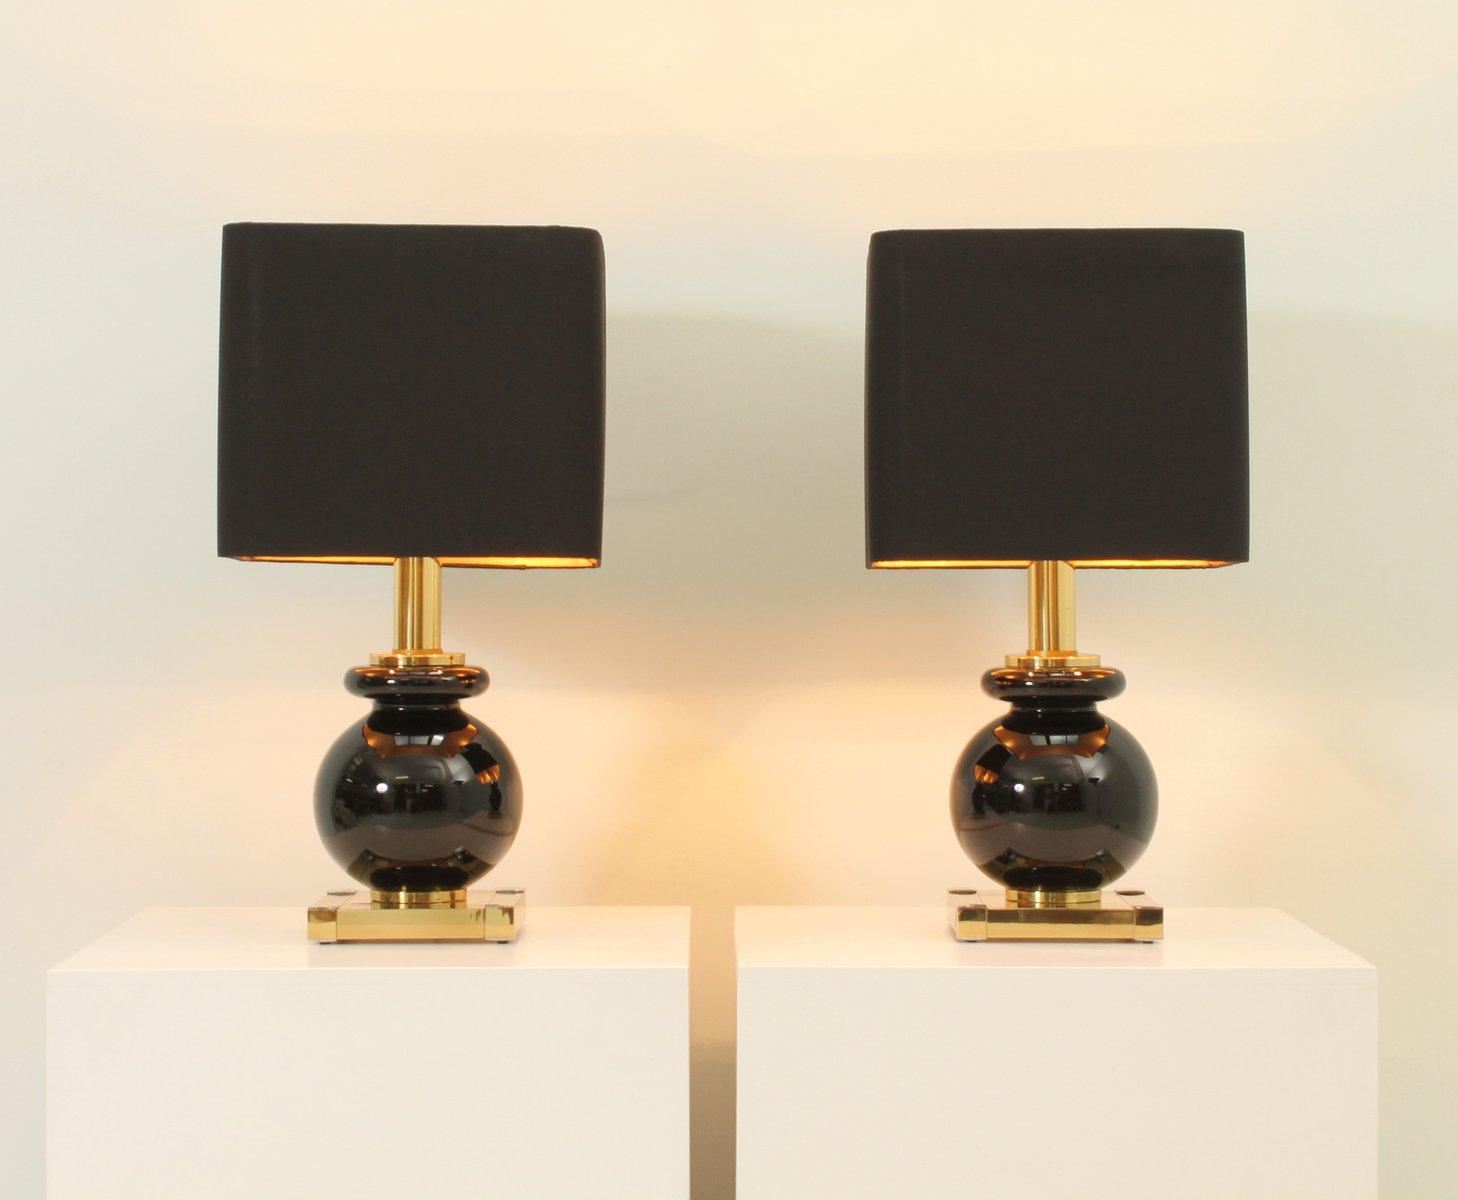 Lampade ottone e vetro le migliori idee per la tua design per la